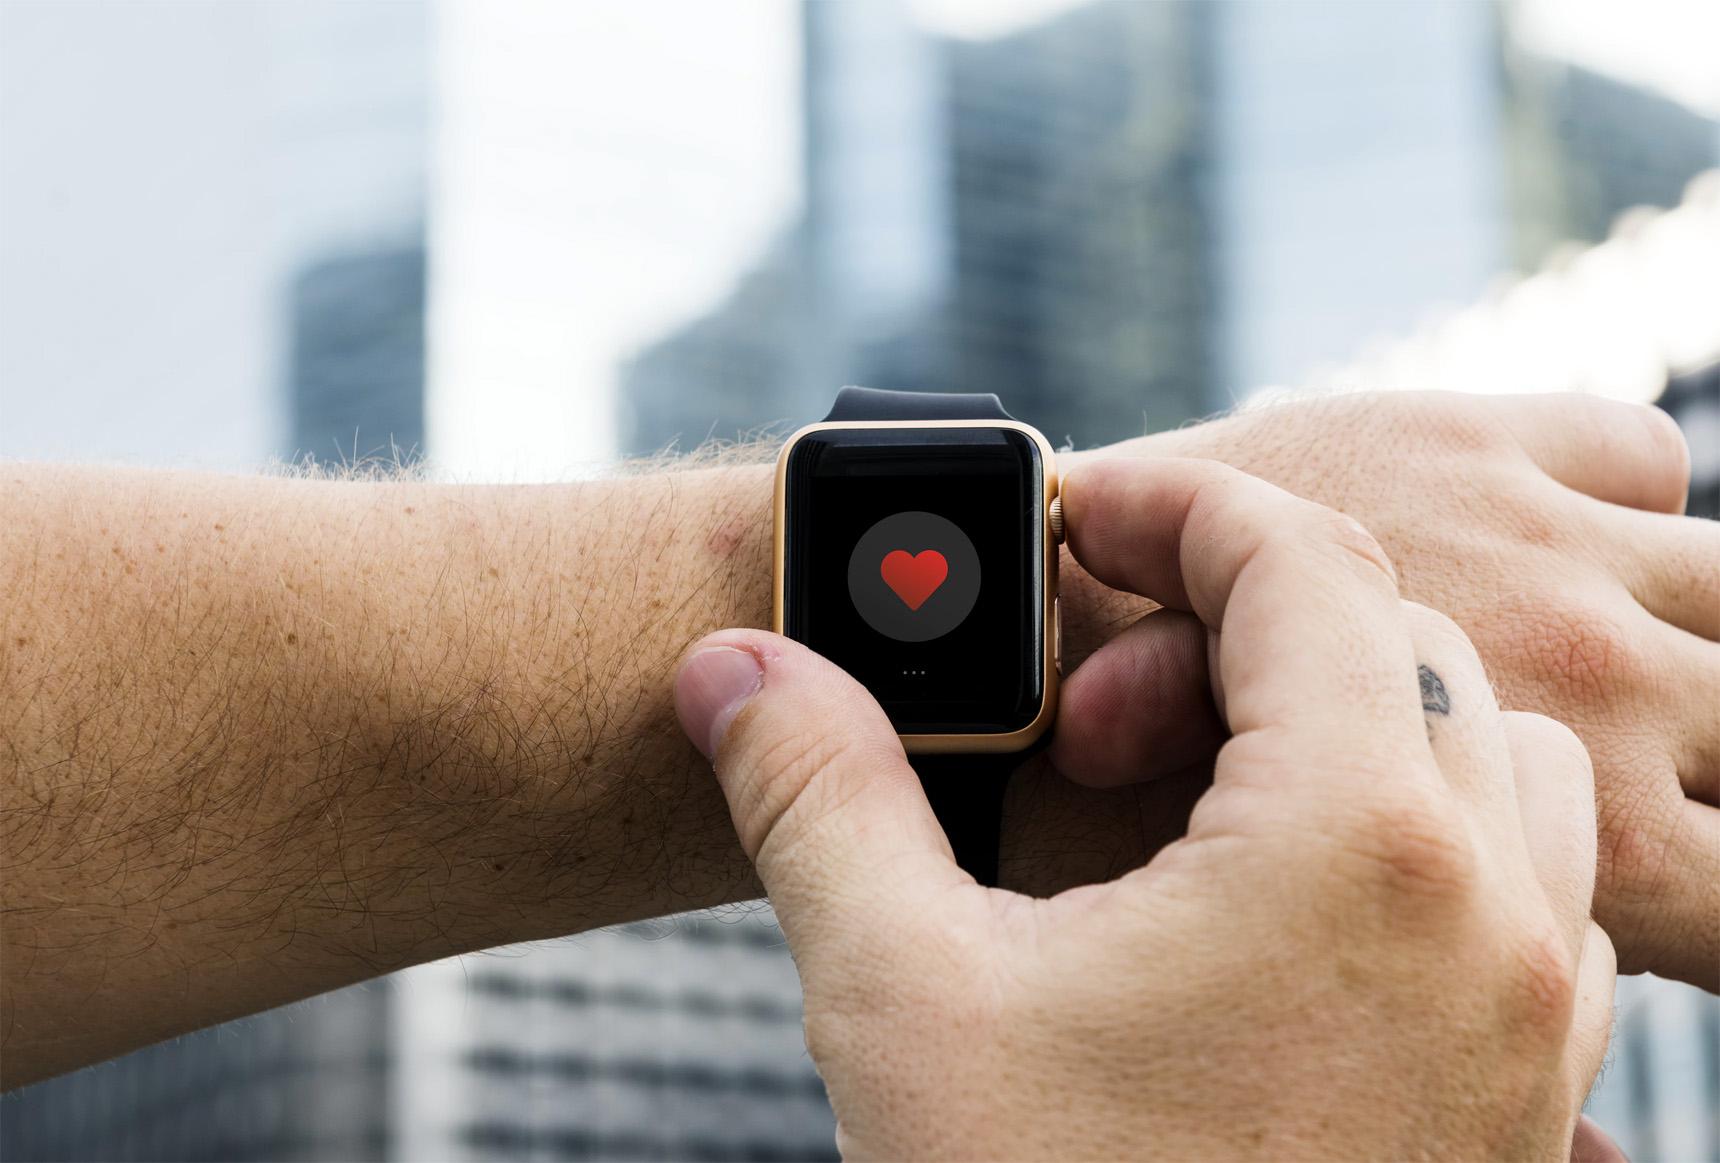 1b2899a11b 17 Weird to Wonderful Long Distance Relationship Gadgets [2019 Update]